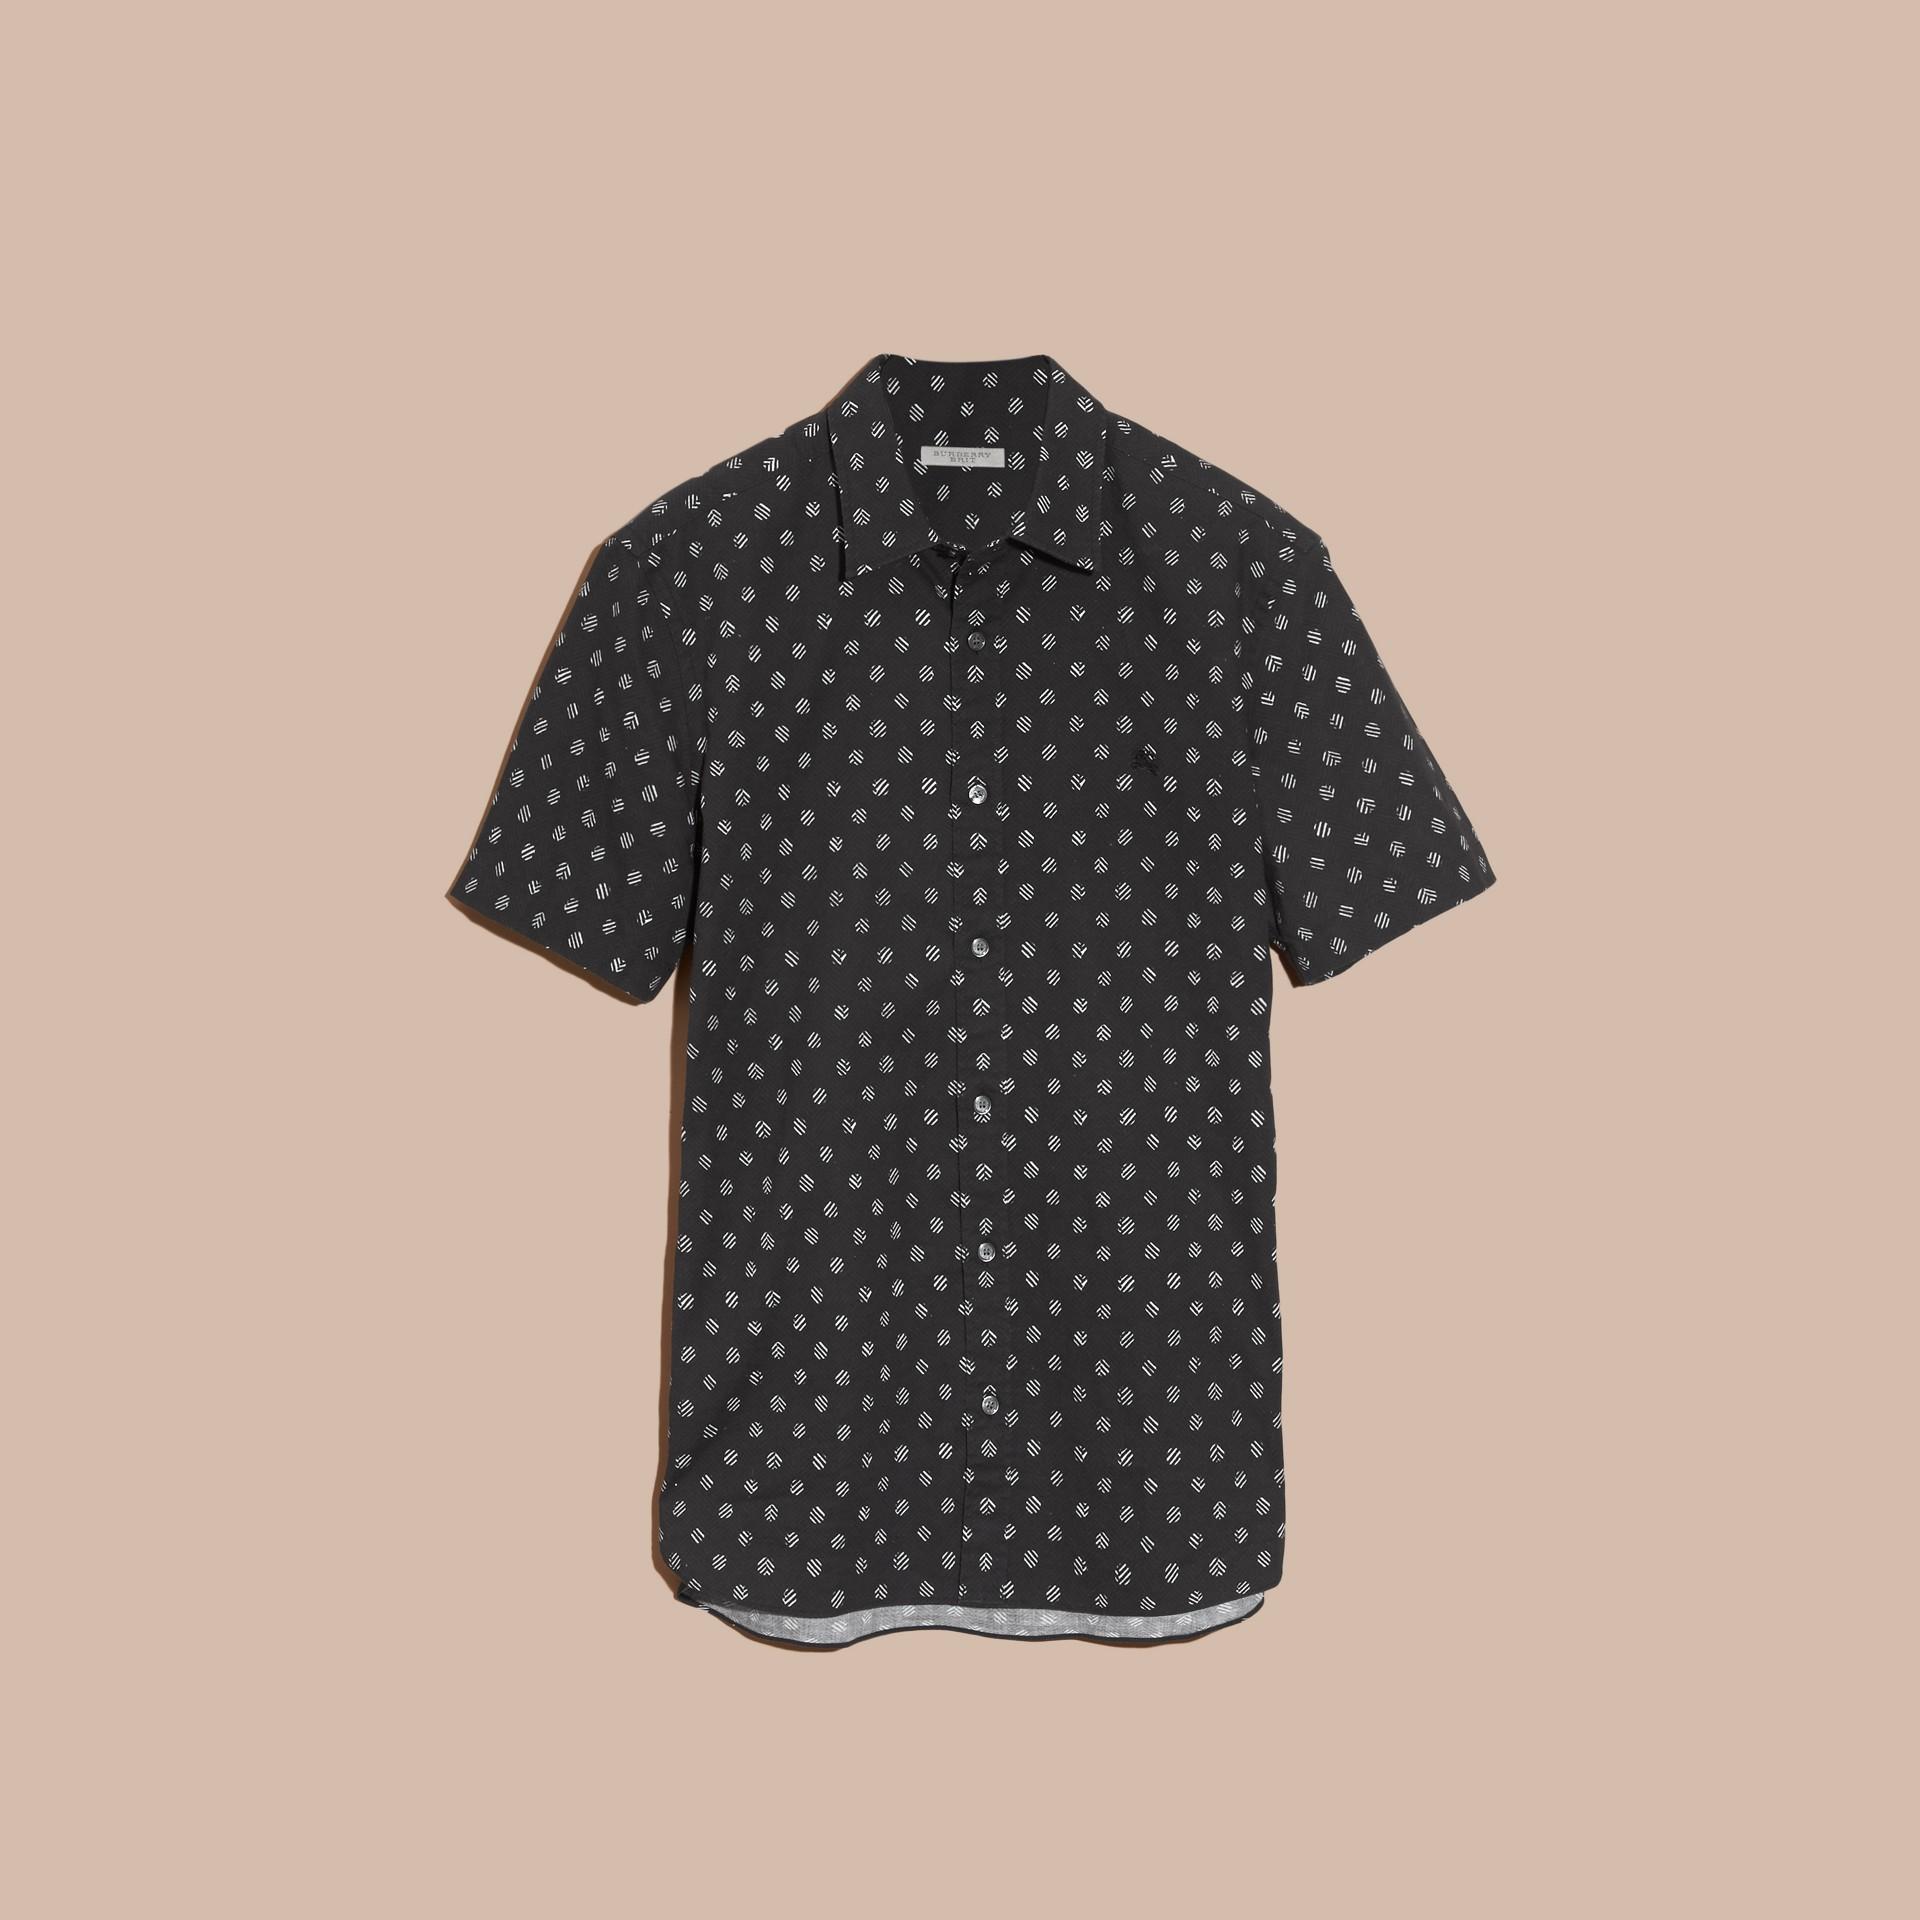 Preto Camisa estampada de linho e algodão com mangas curtas - galeria de imagens 4